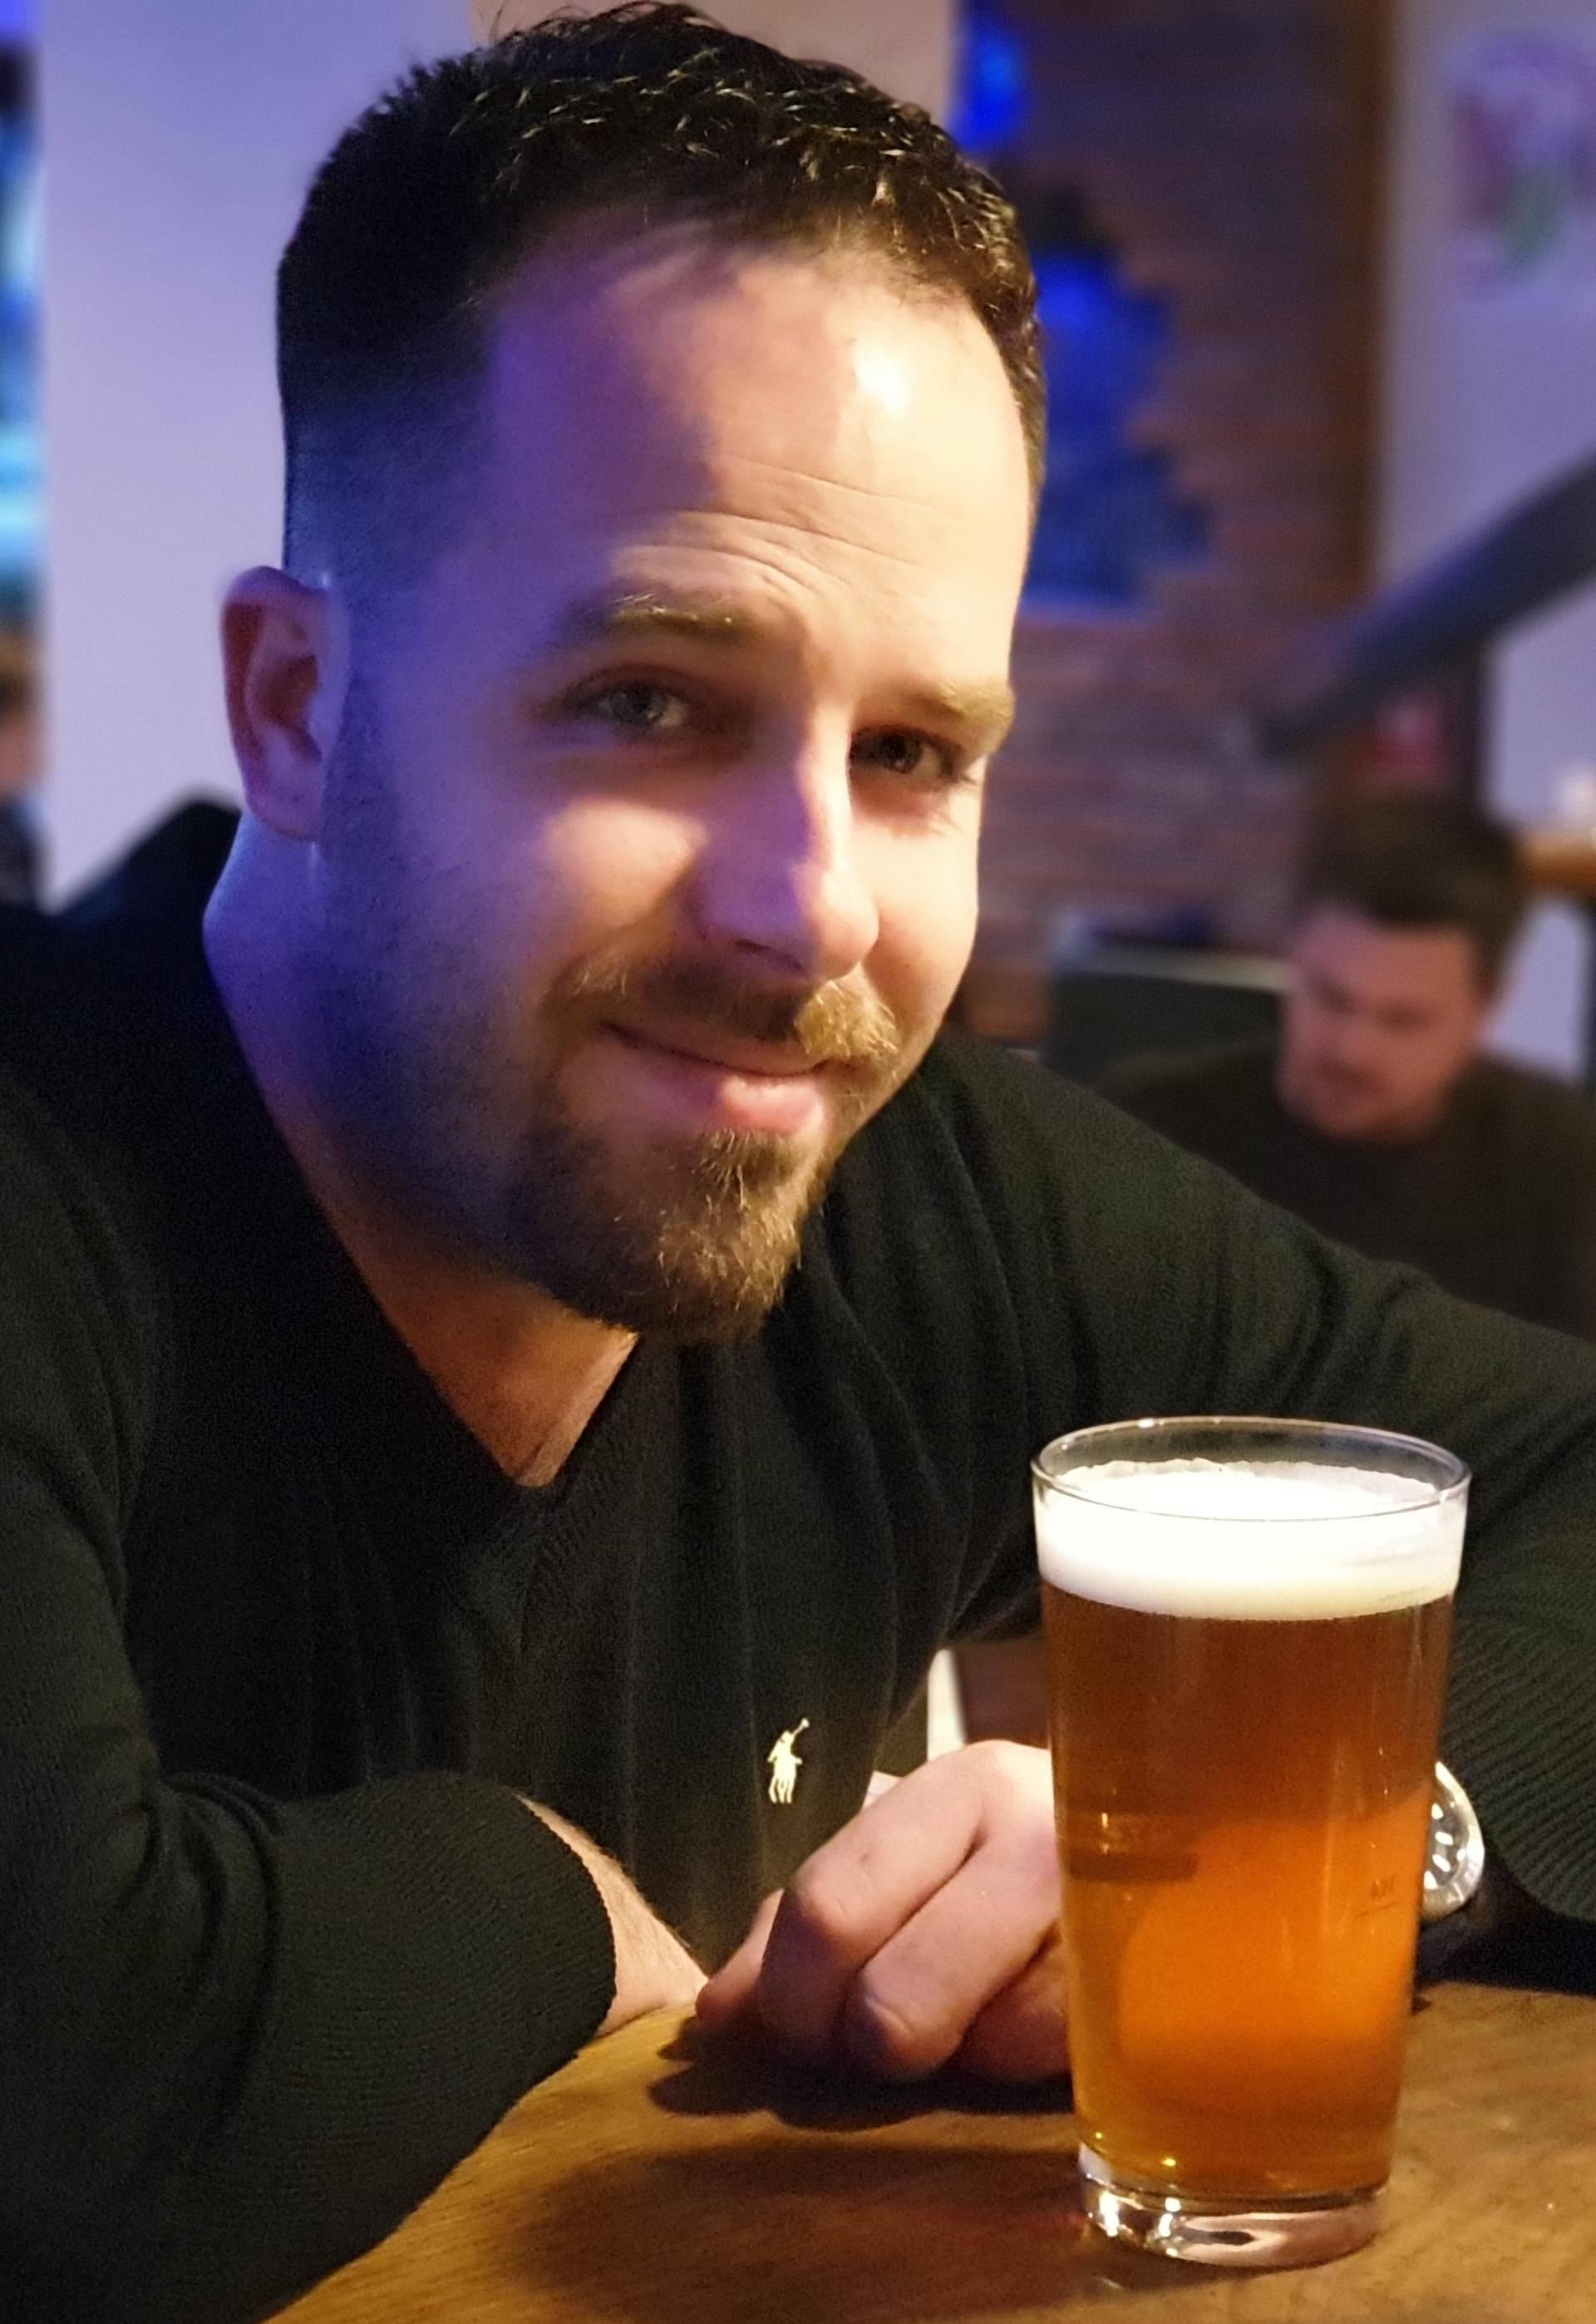 Najveća laž koju muškarac kaže ženi: 'Idem na jedno pivo.'